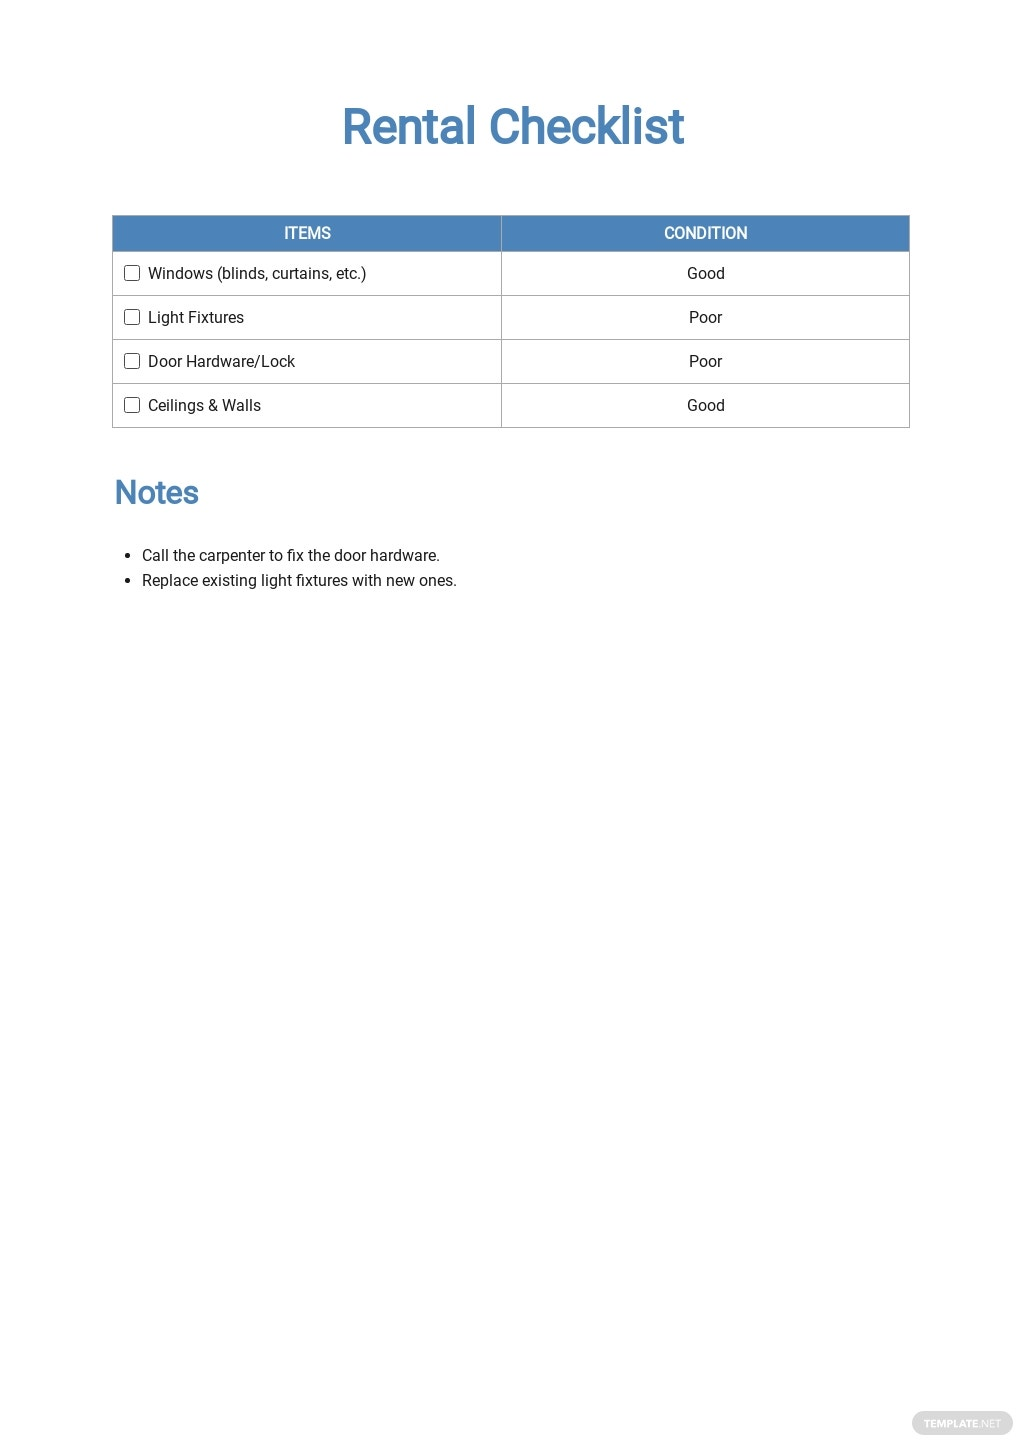 Rental Checklist Template